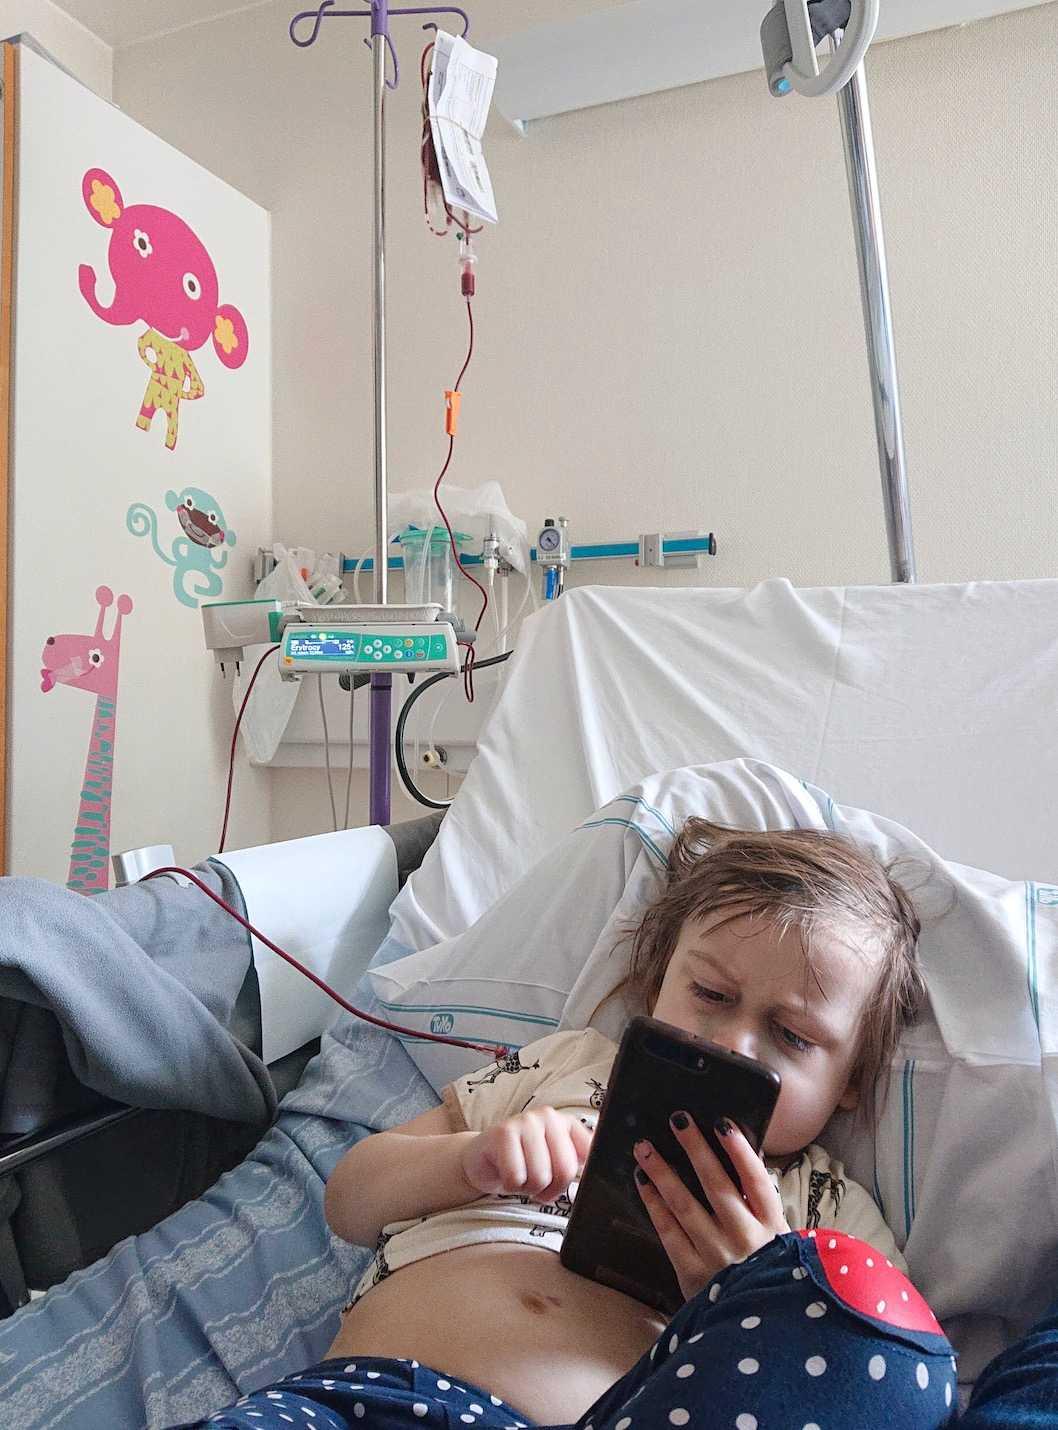 Därefter tillbringade han mycket tid på sjukhus. Han fick en mängd blodtransfusioner och inta antibiotika via dropp.